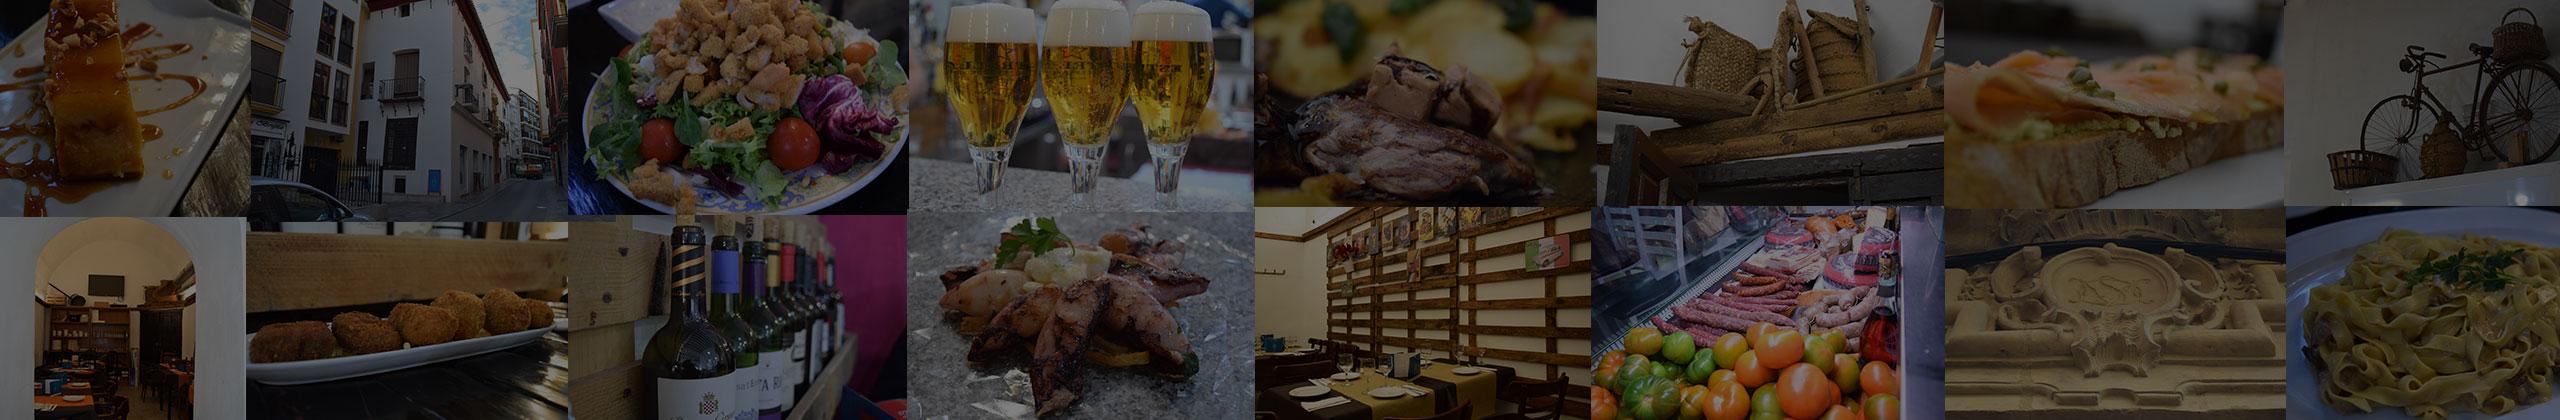 restaurante-comida-tradicional-en-lorca